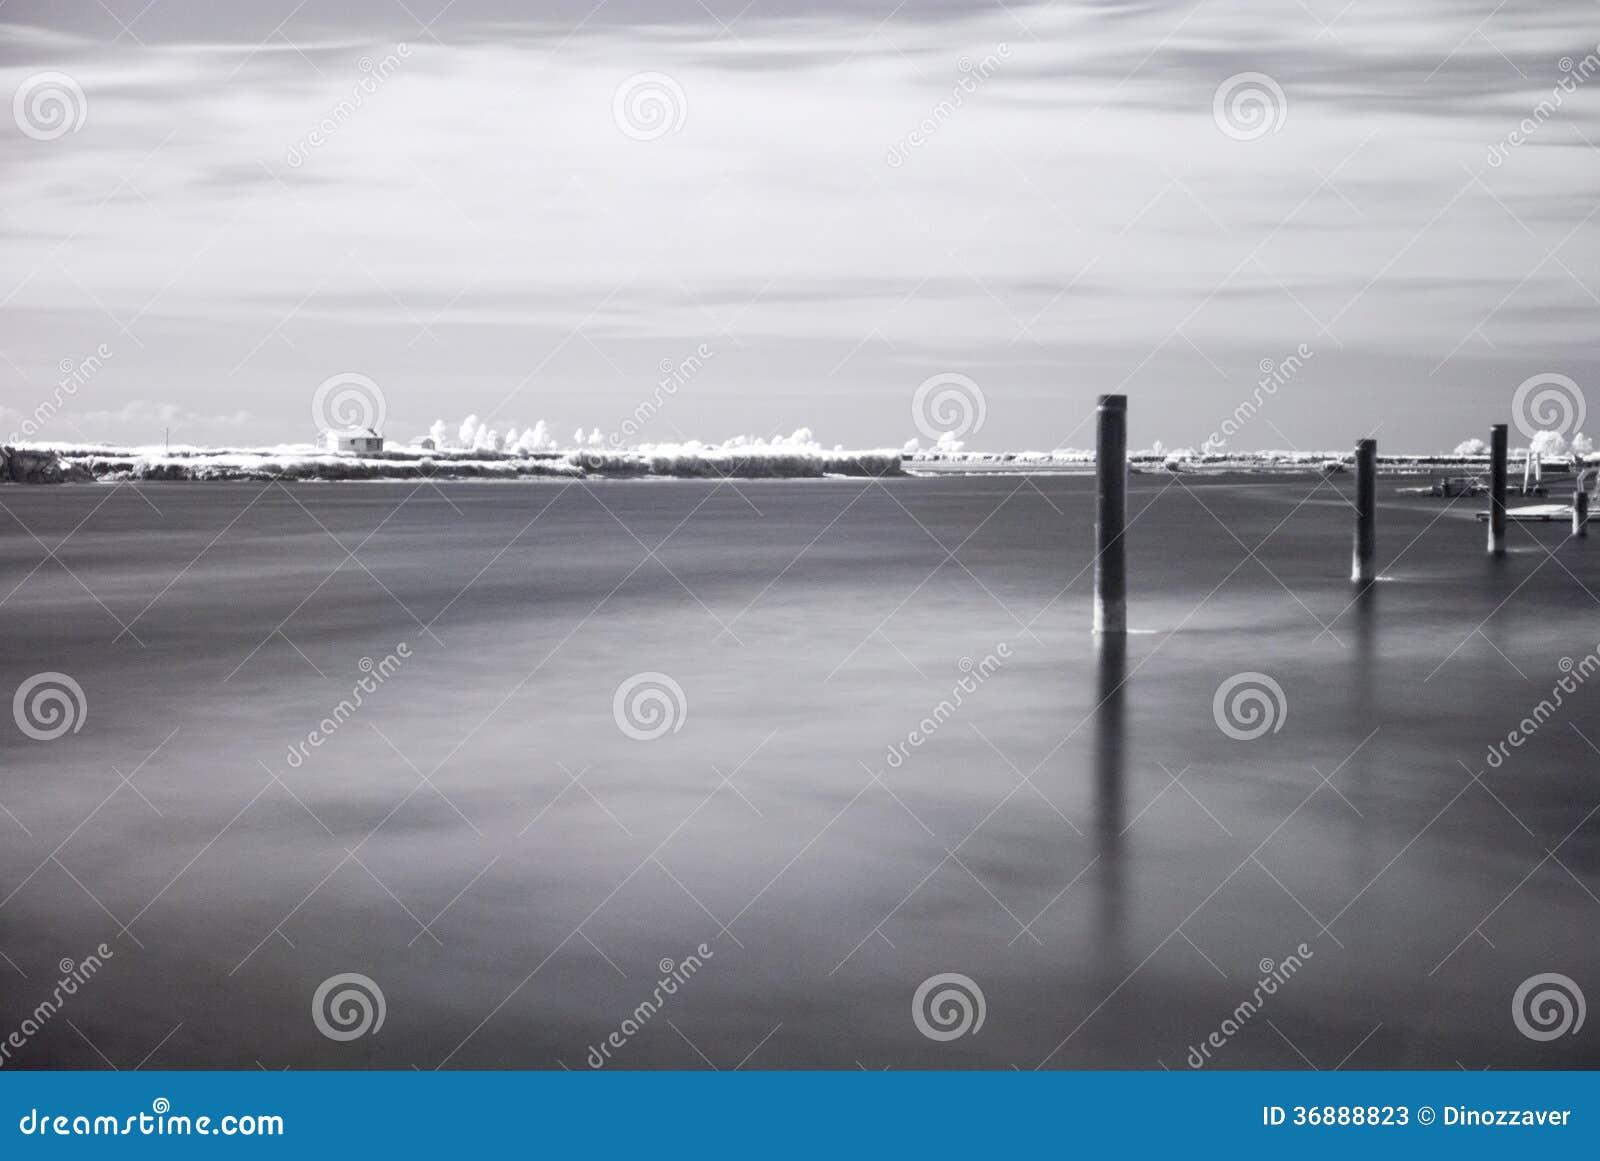 Download Paesaggio Infrarosso Di Acqua E Degli Alberi Immagine Stock - Immagine di esterni, composizione: 36888823